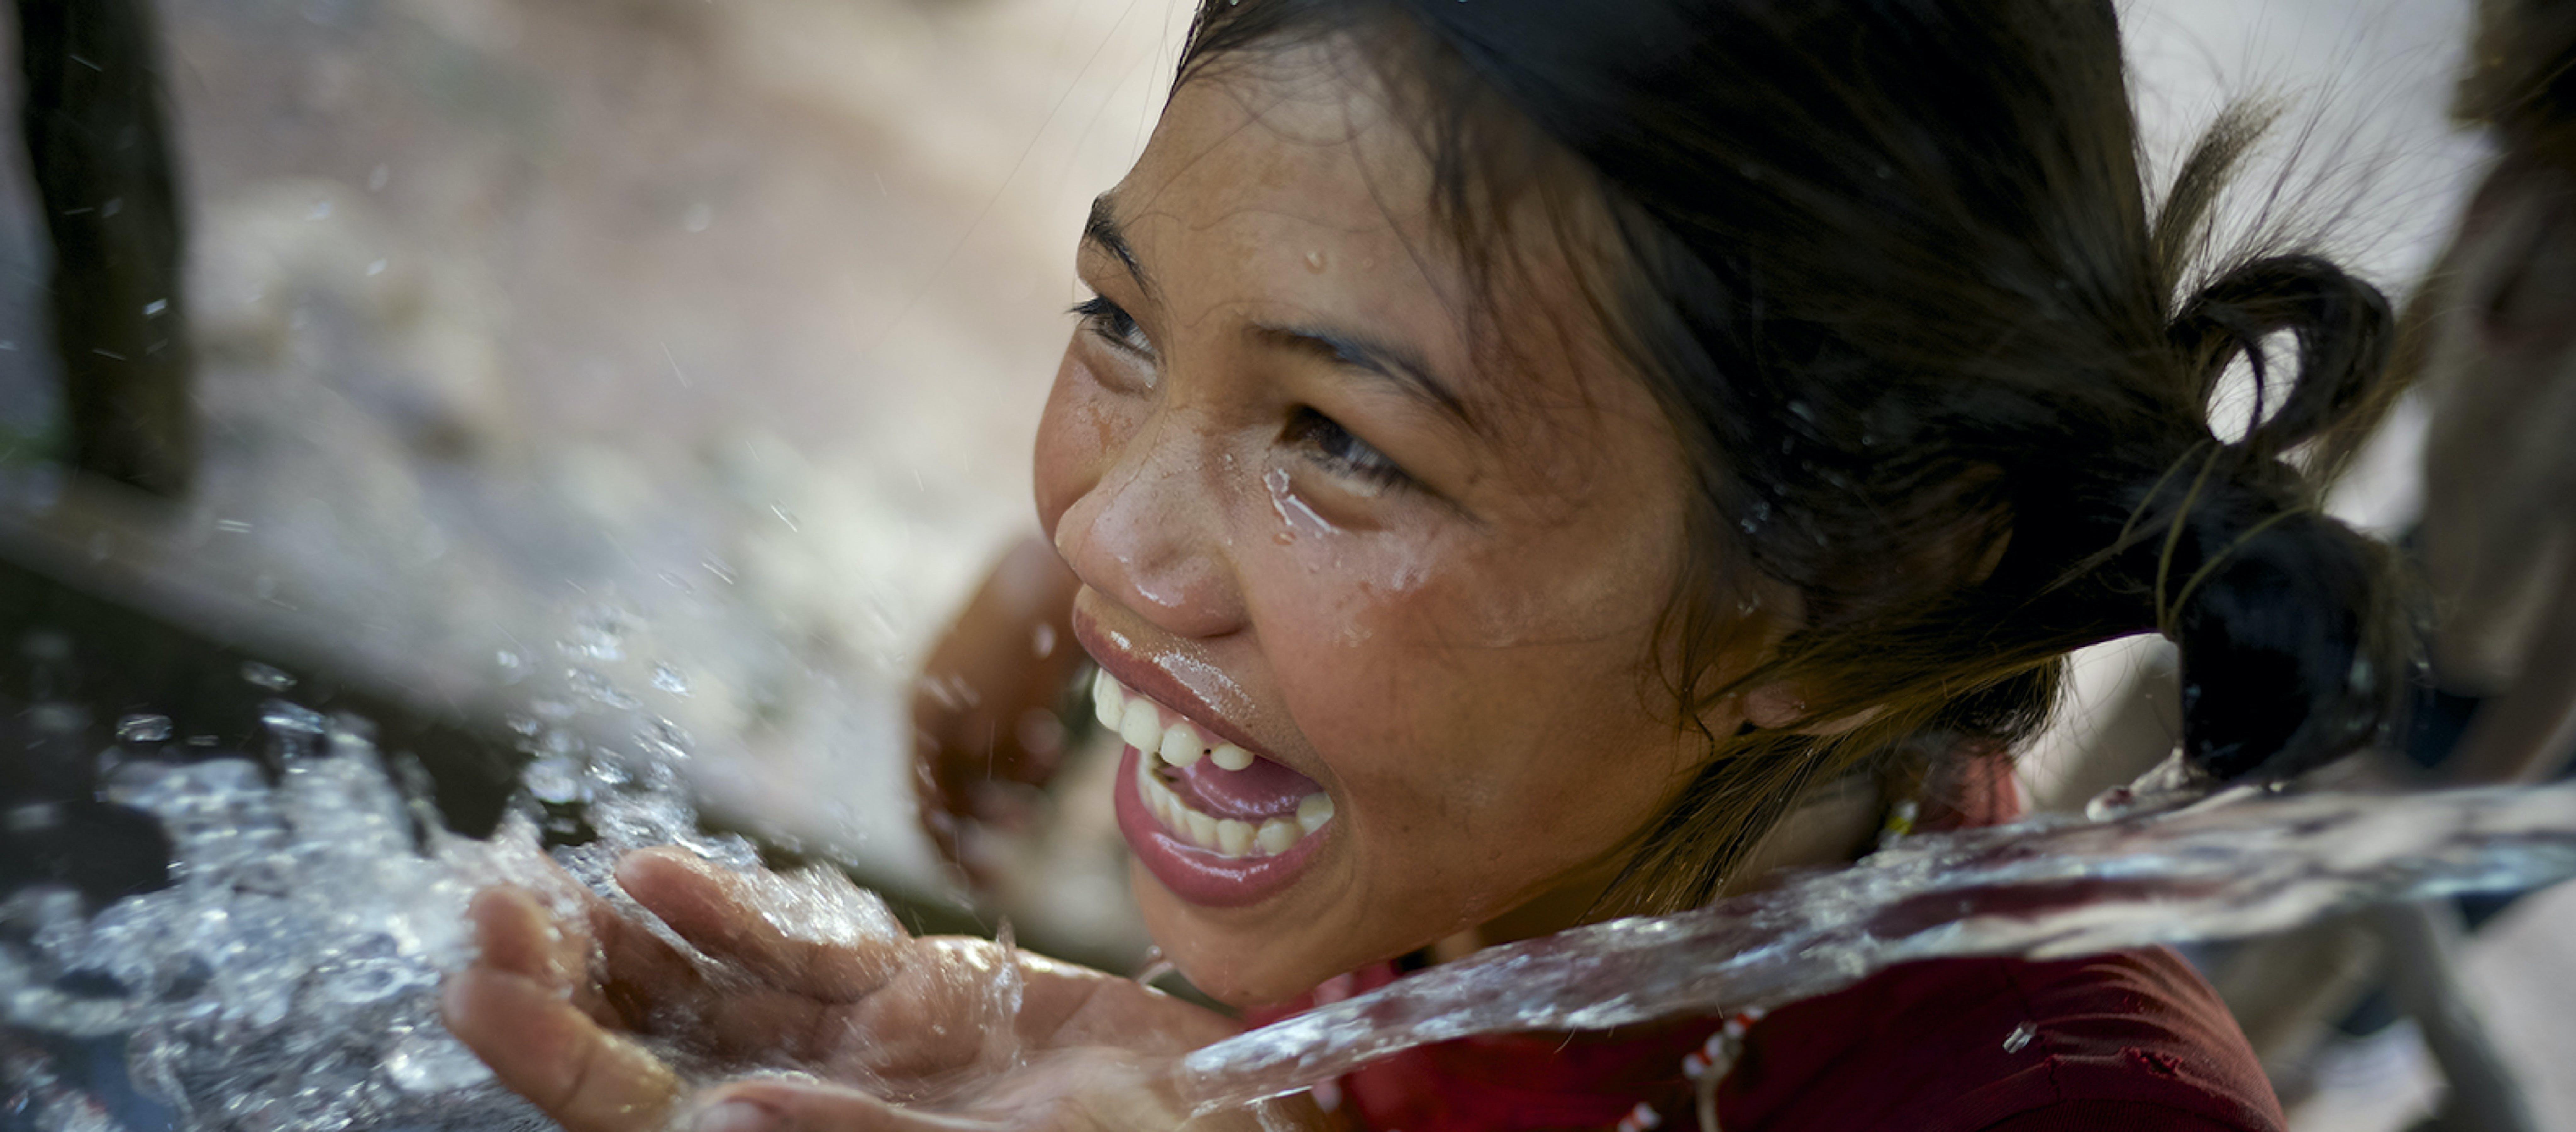 Bambina con acqua